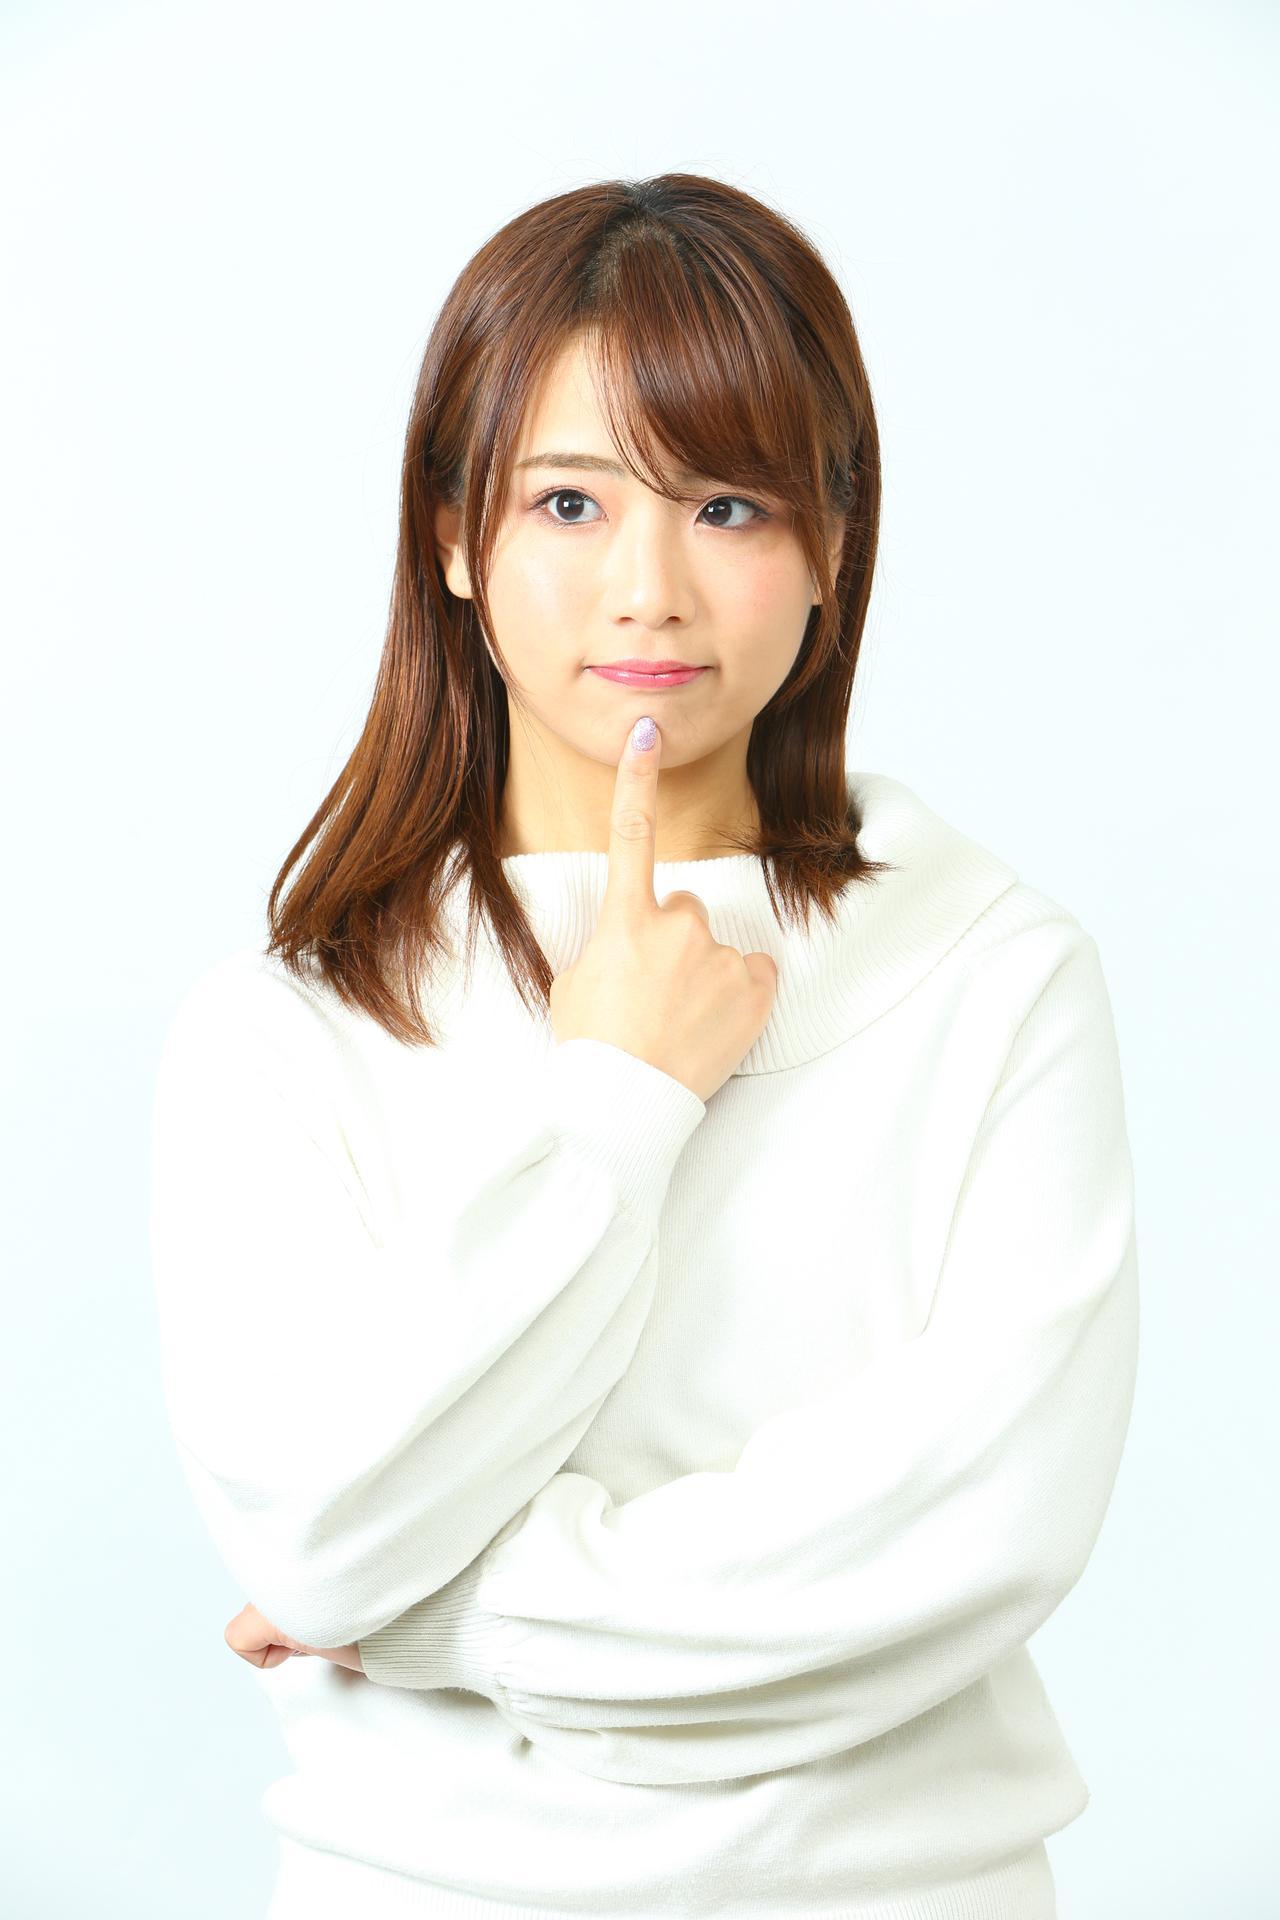 画像15: 平嶋夏海の「つま先メモリアル」 (第2回:KAWASAKI Z650、Ninja650)